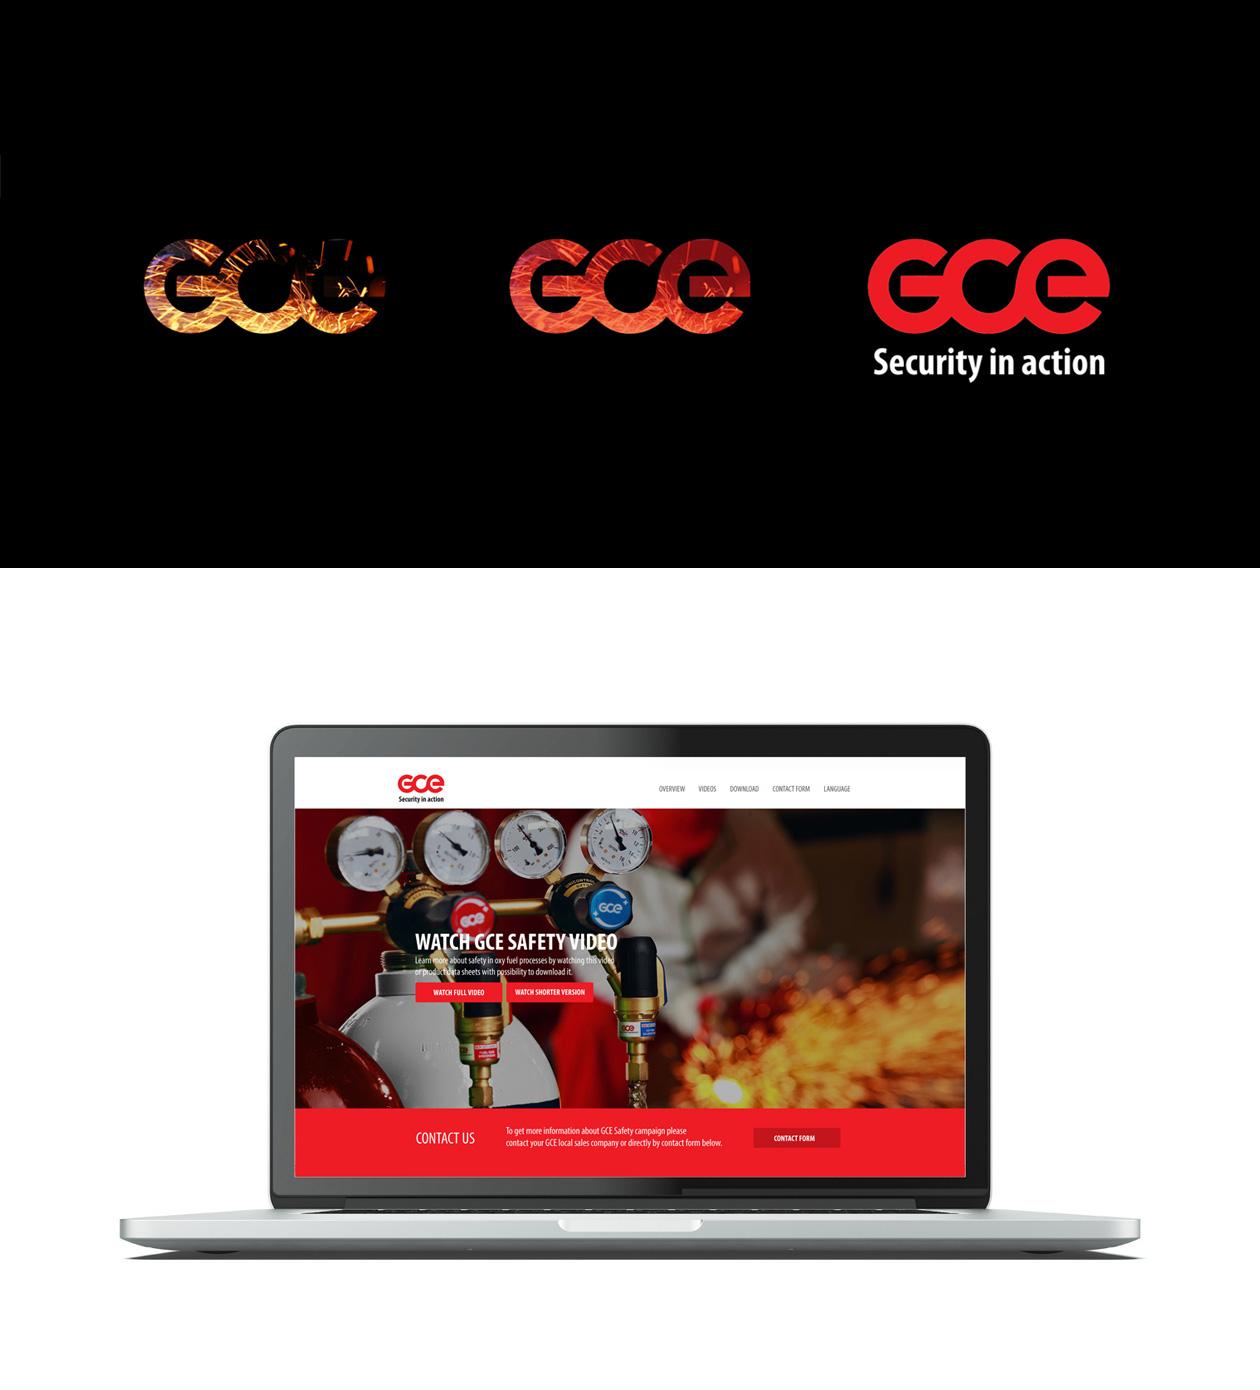 gce-campaign-2